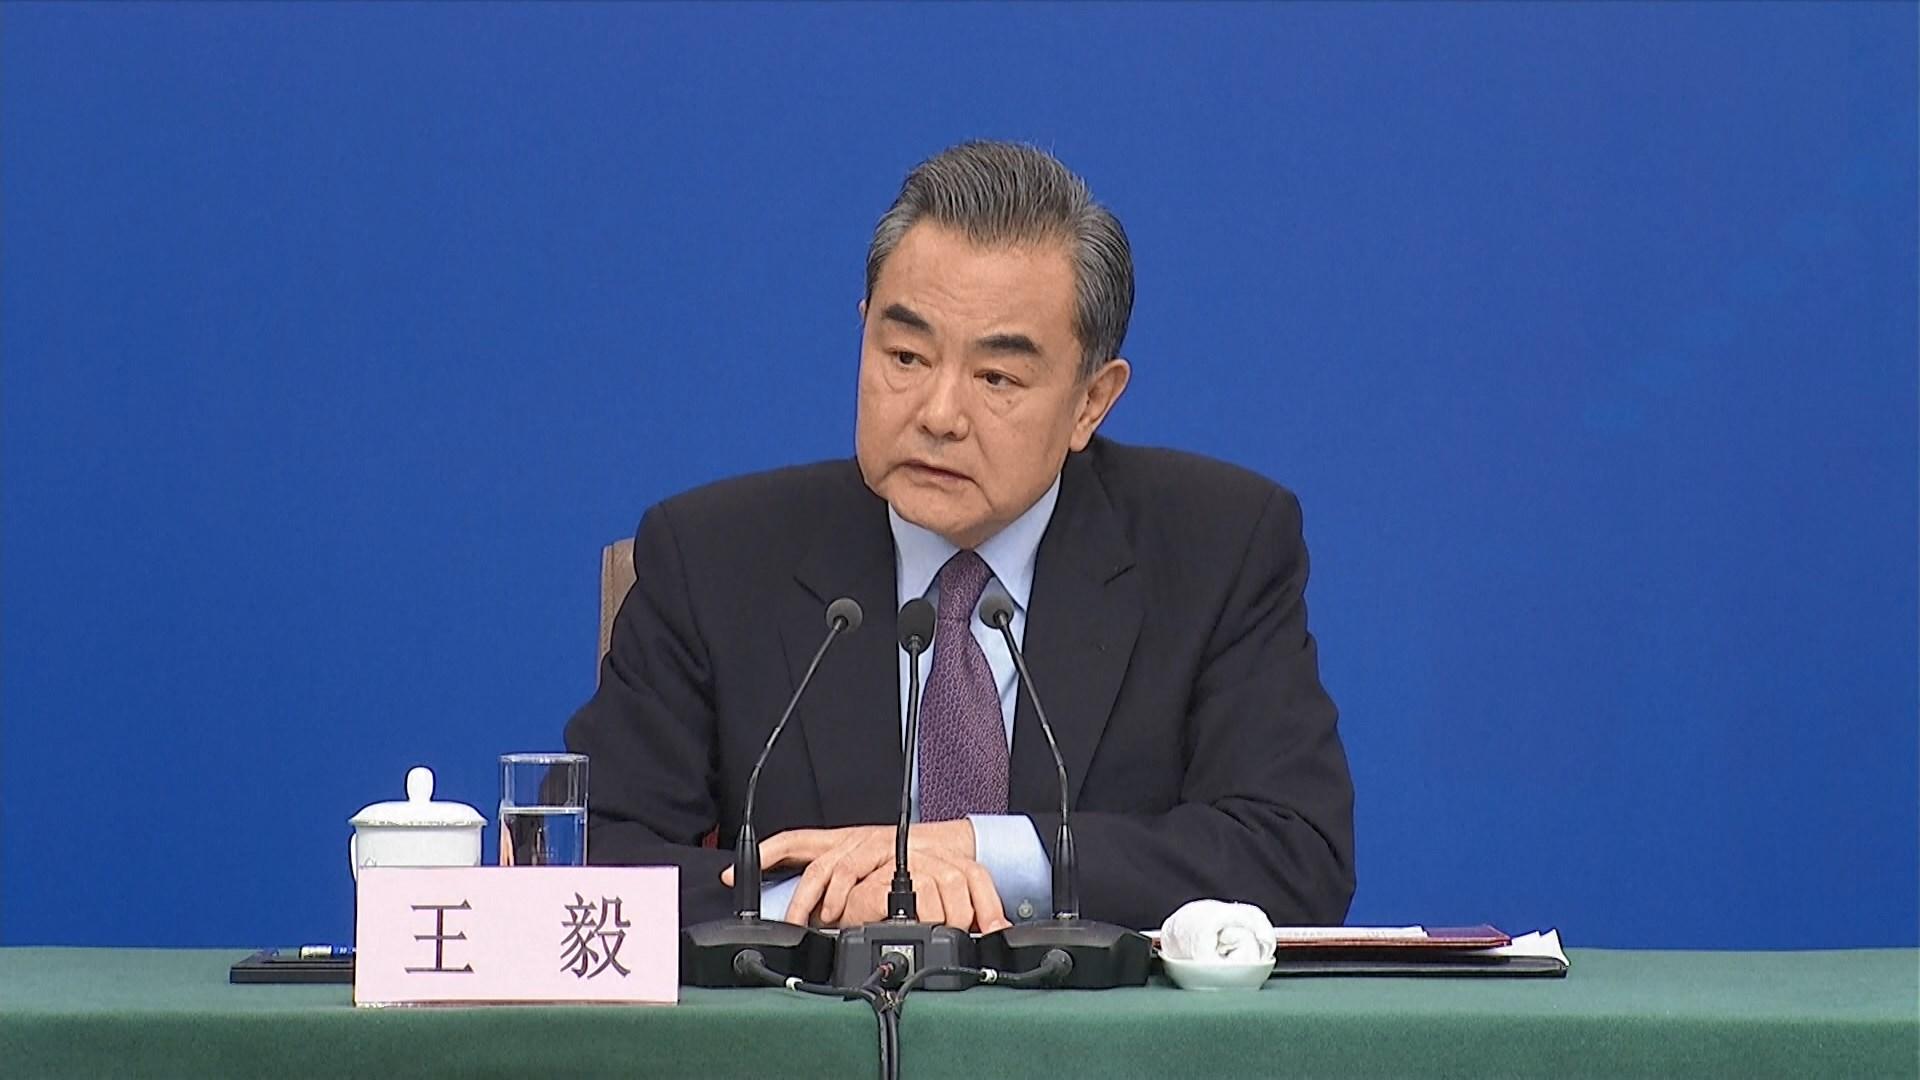 王毅:支持企業拿起法律武器維護自身權益